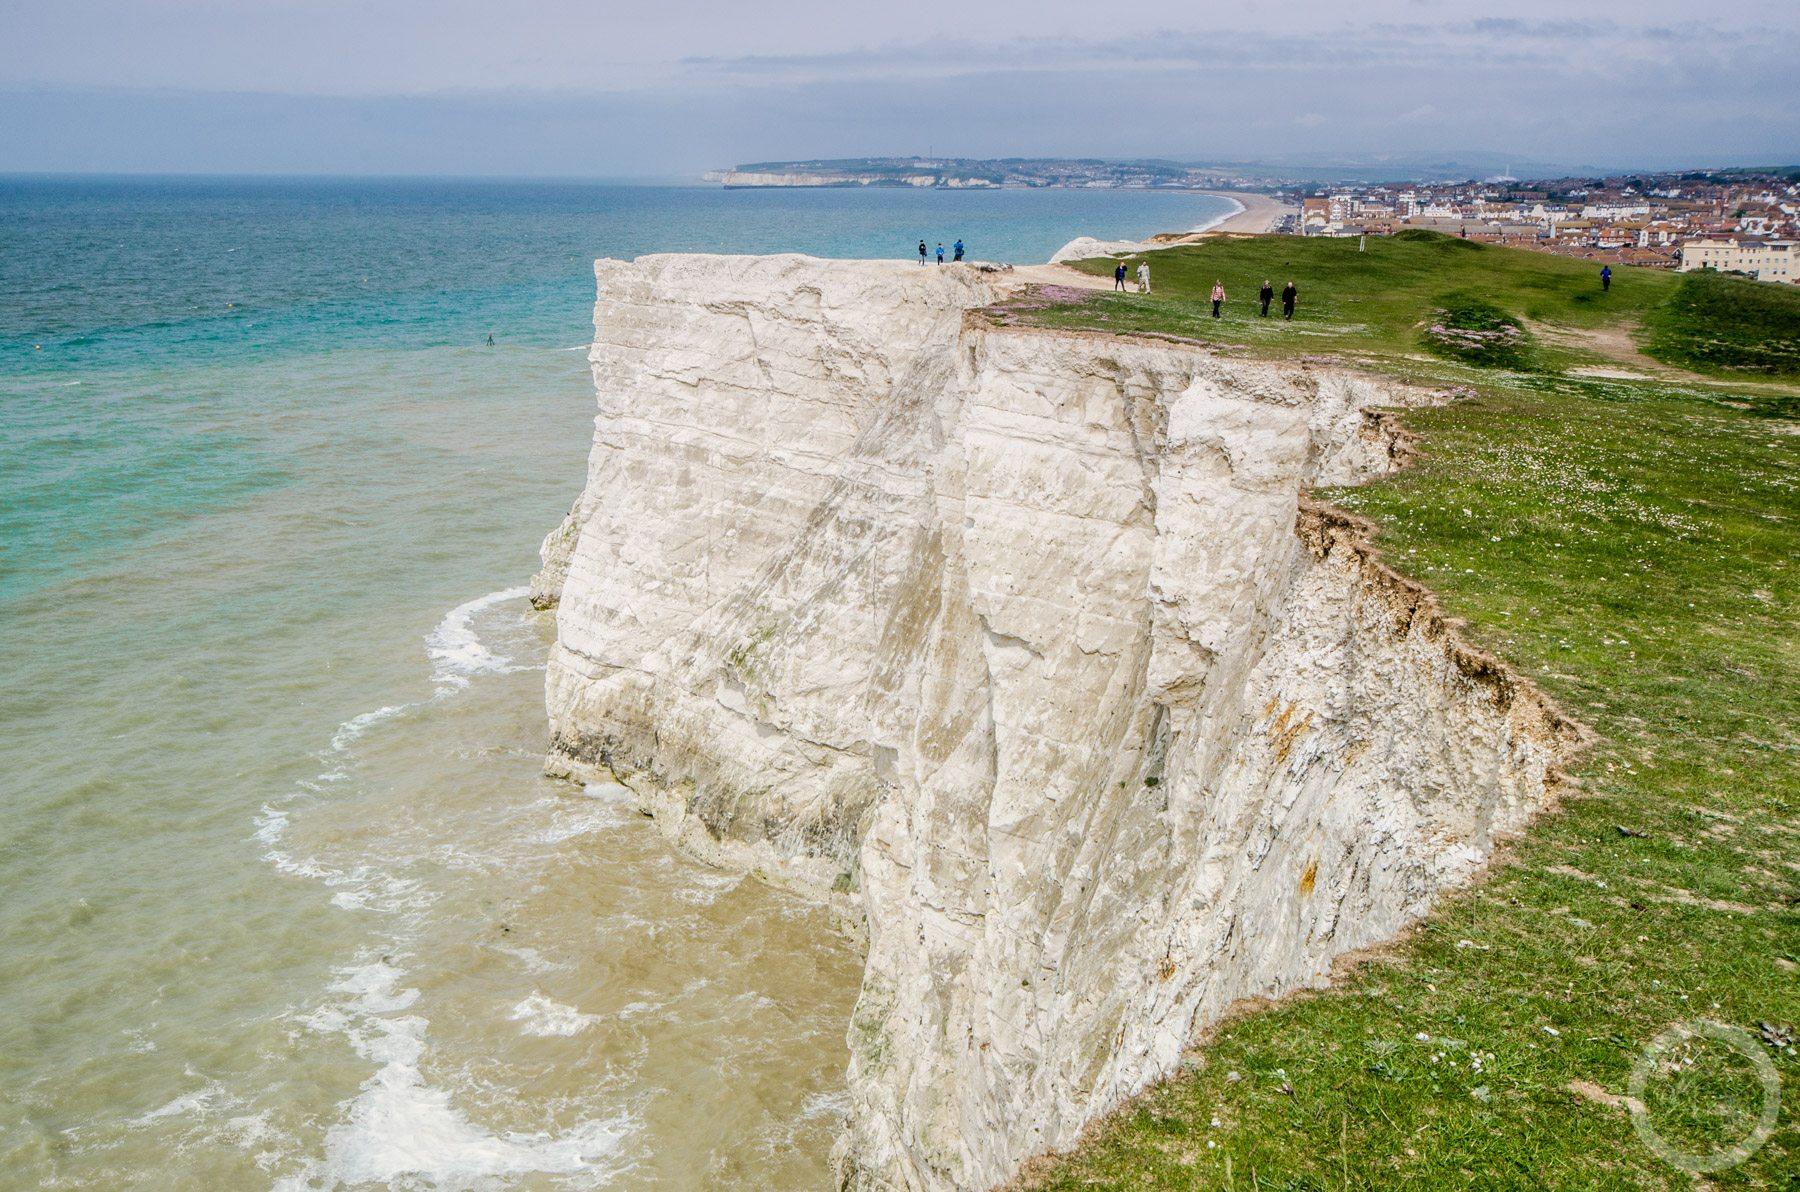 Seaford cliffs